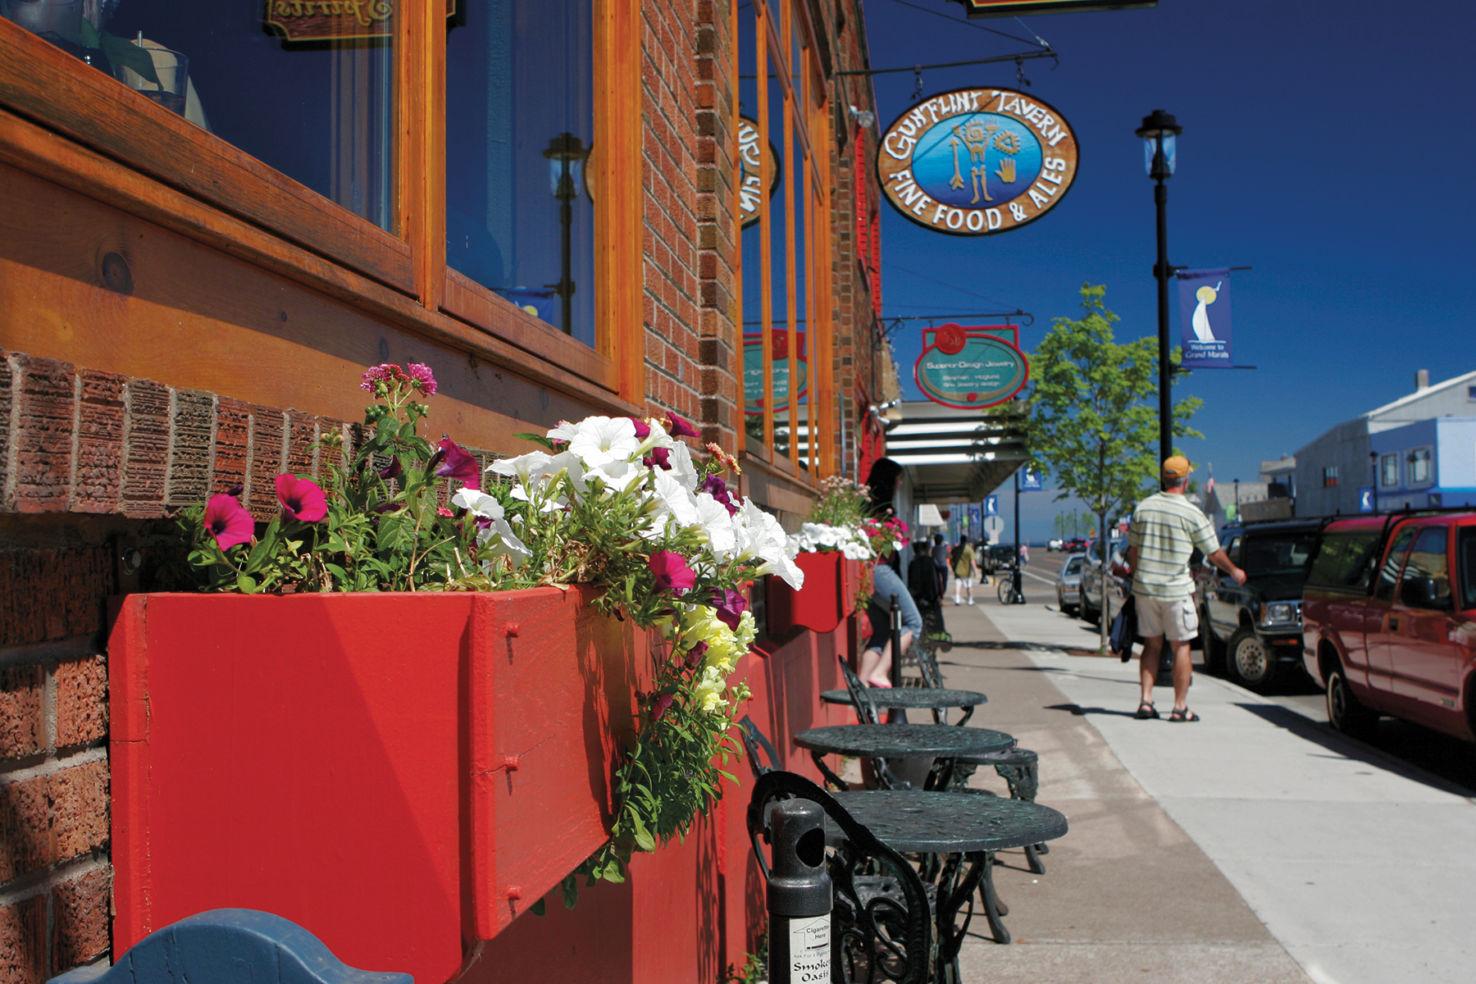 Downtown Grand Marais, MN